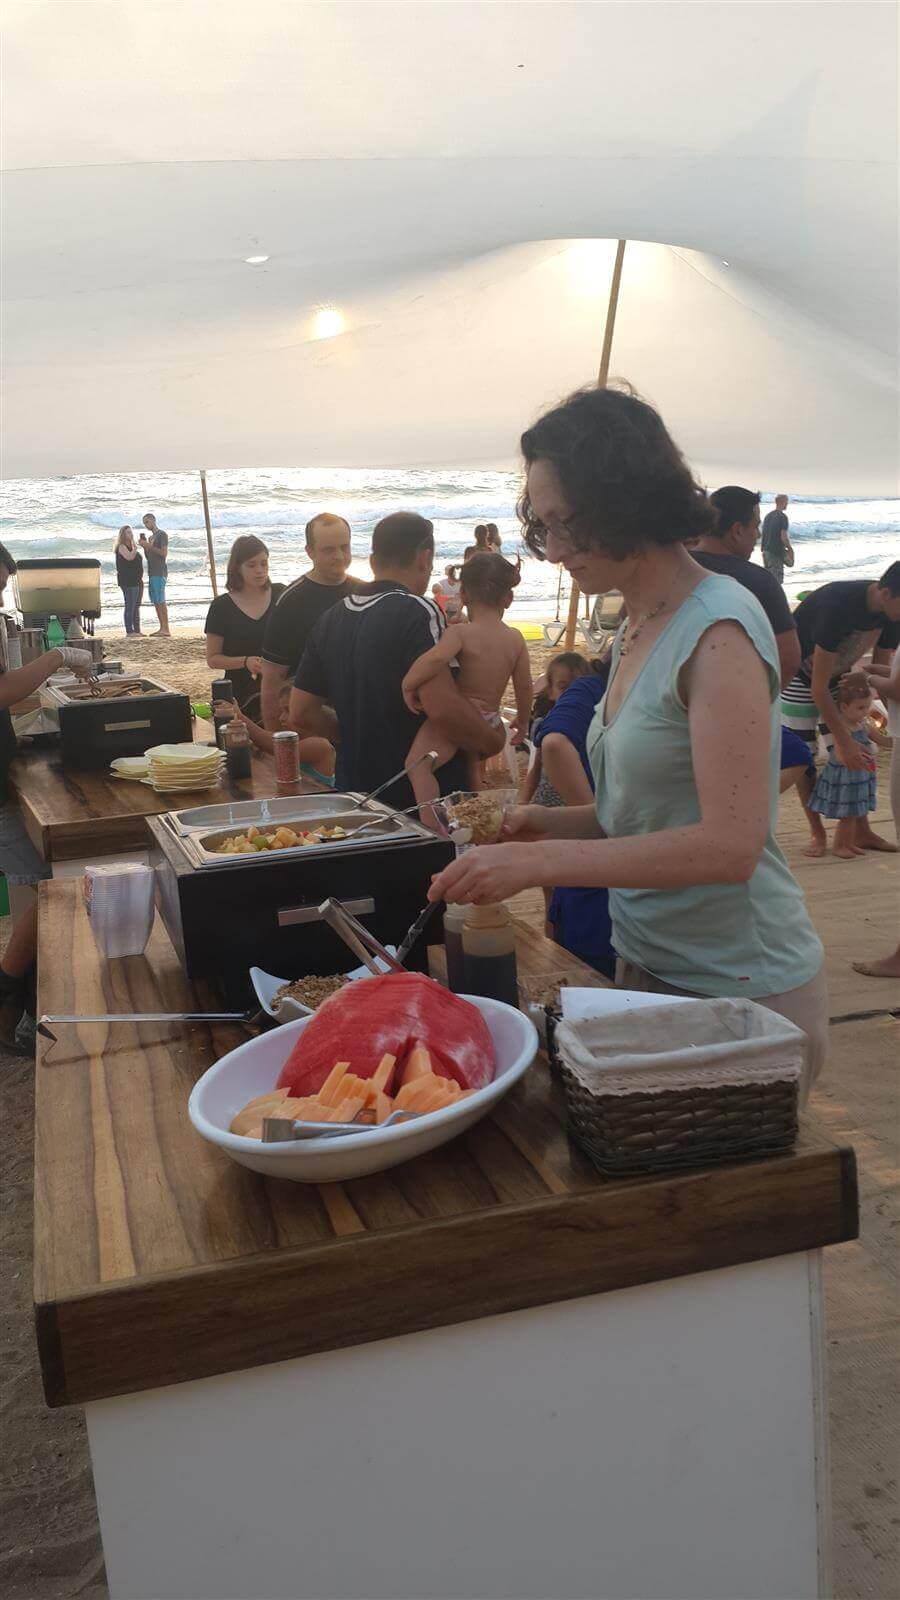 ג'וי - דוכני מזון לאירוע בים